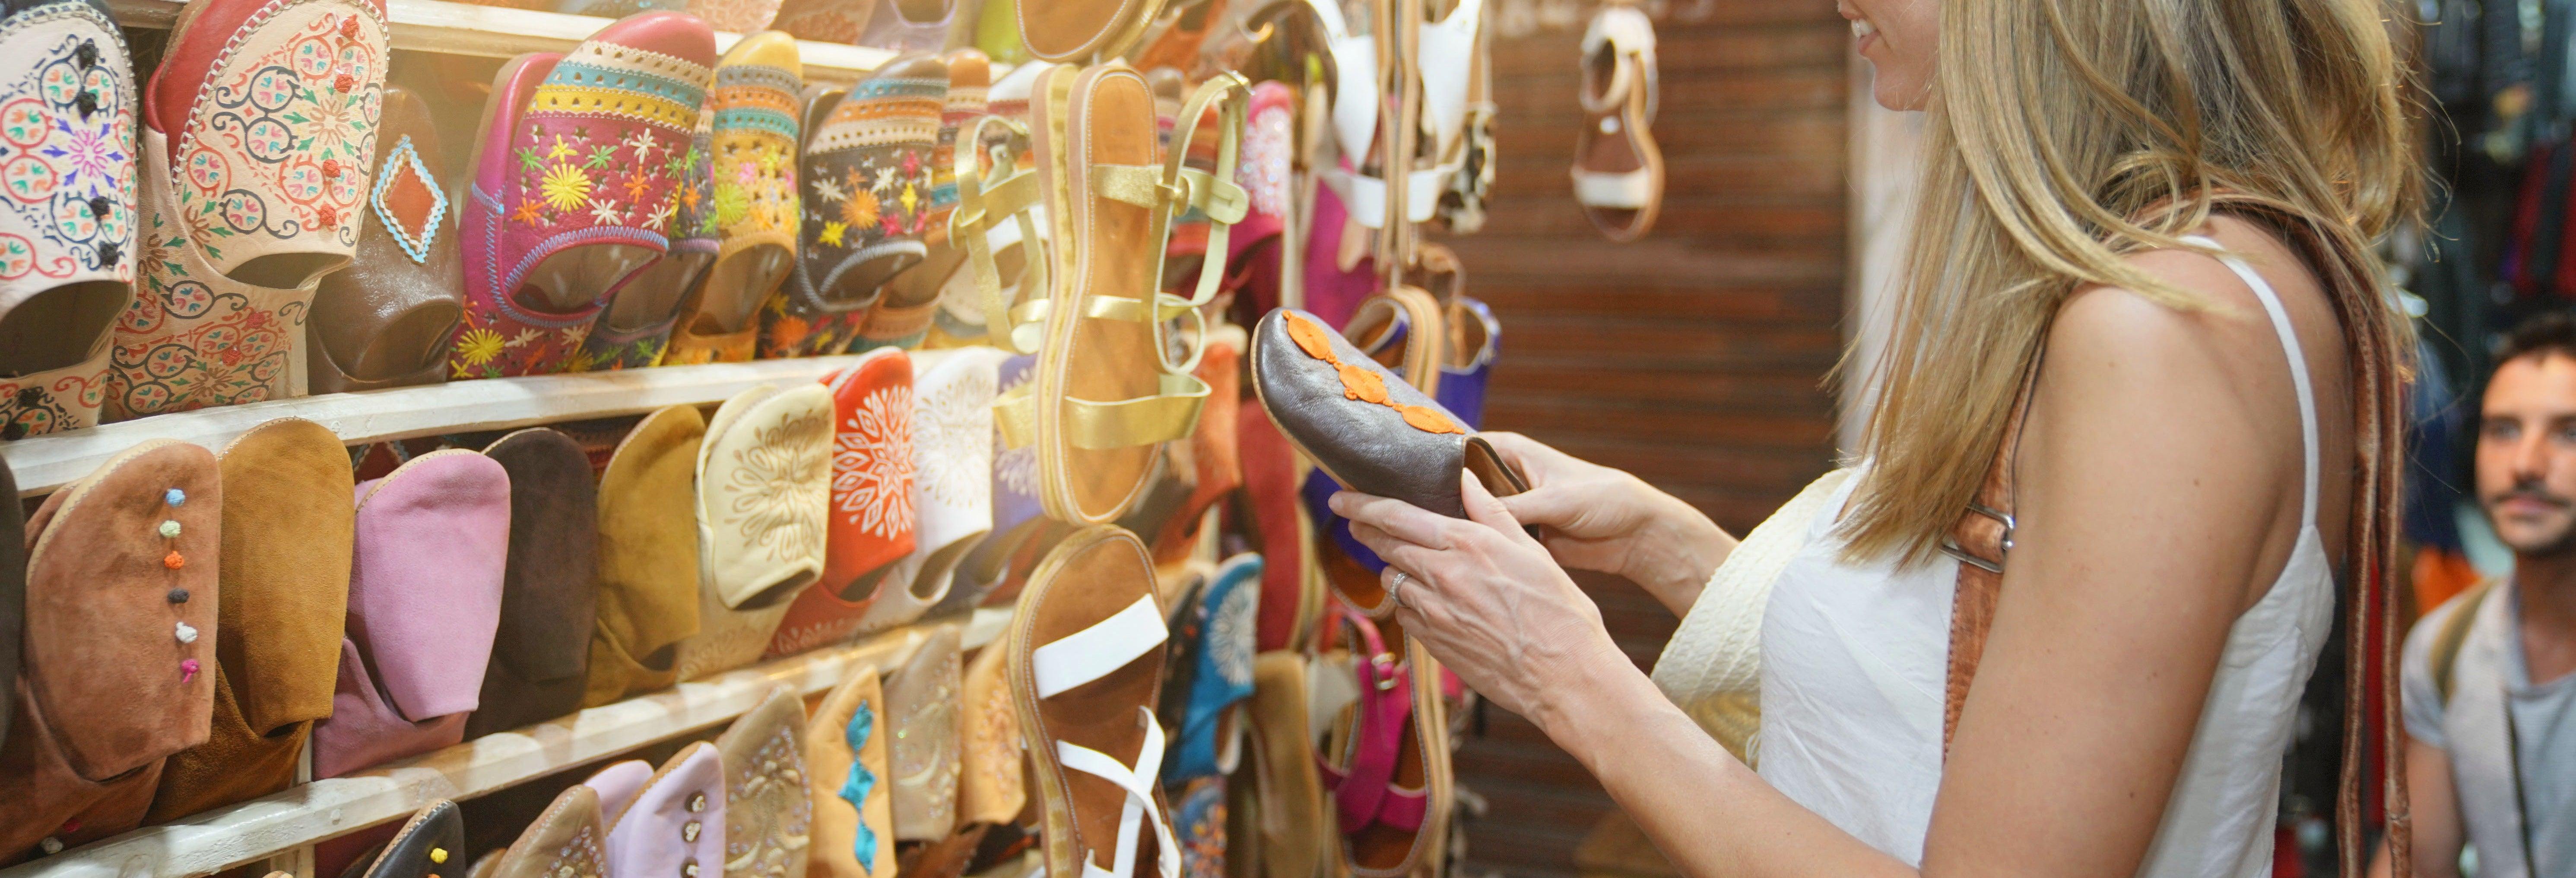 Tour privado de compras pela Medina